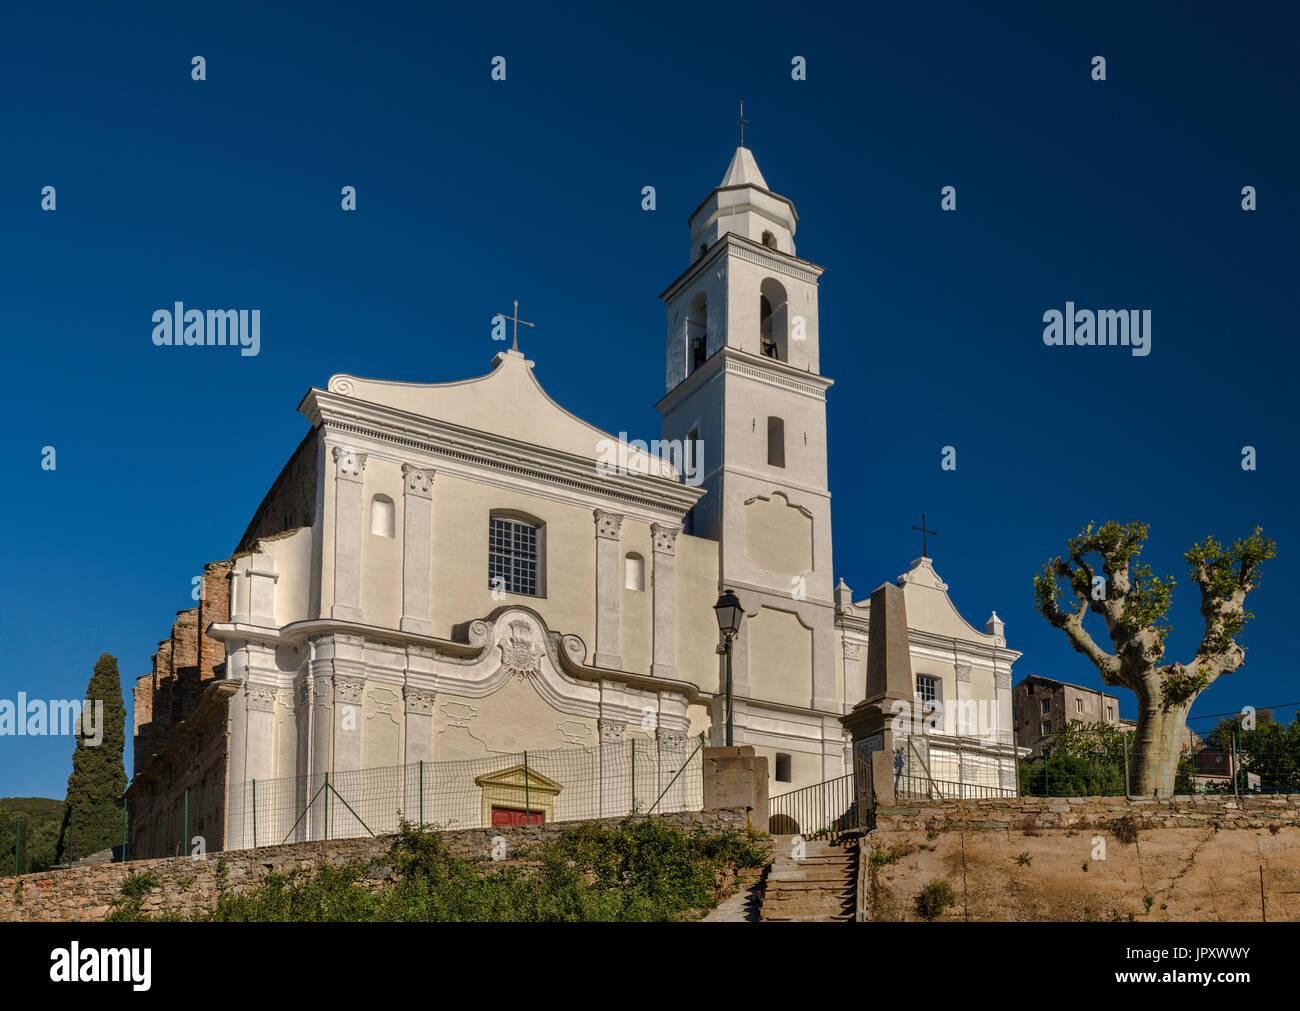 San Giovanni Evangelista Kirche, 16. Jahrhundert, im Hang Dorf von Santo-Pietro-di-Tenda, Nebbio Region, Haute-Corse, Korsika, Frankreich Stockbild